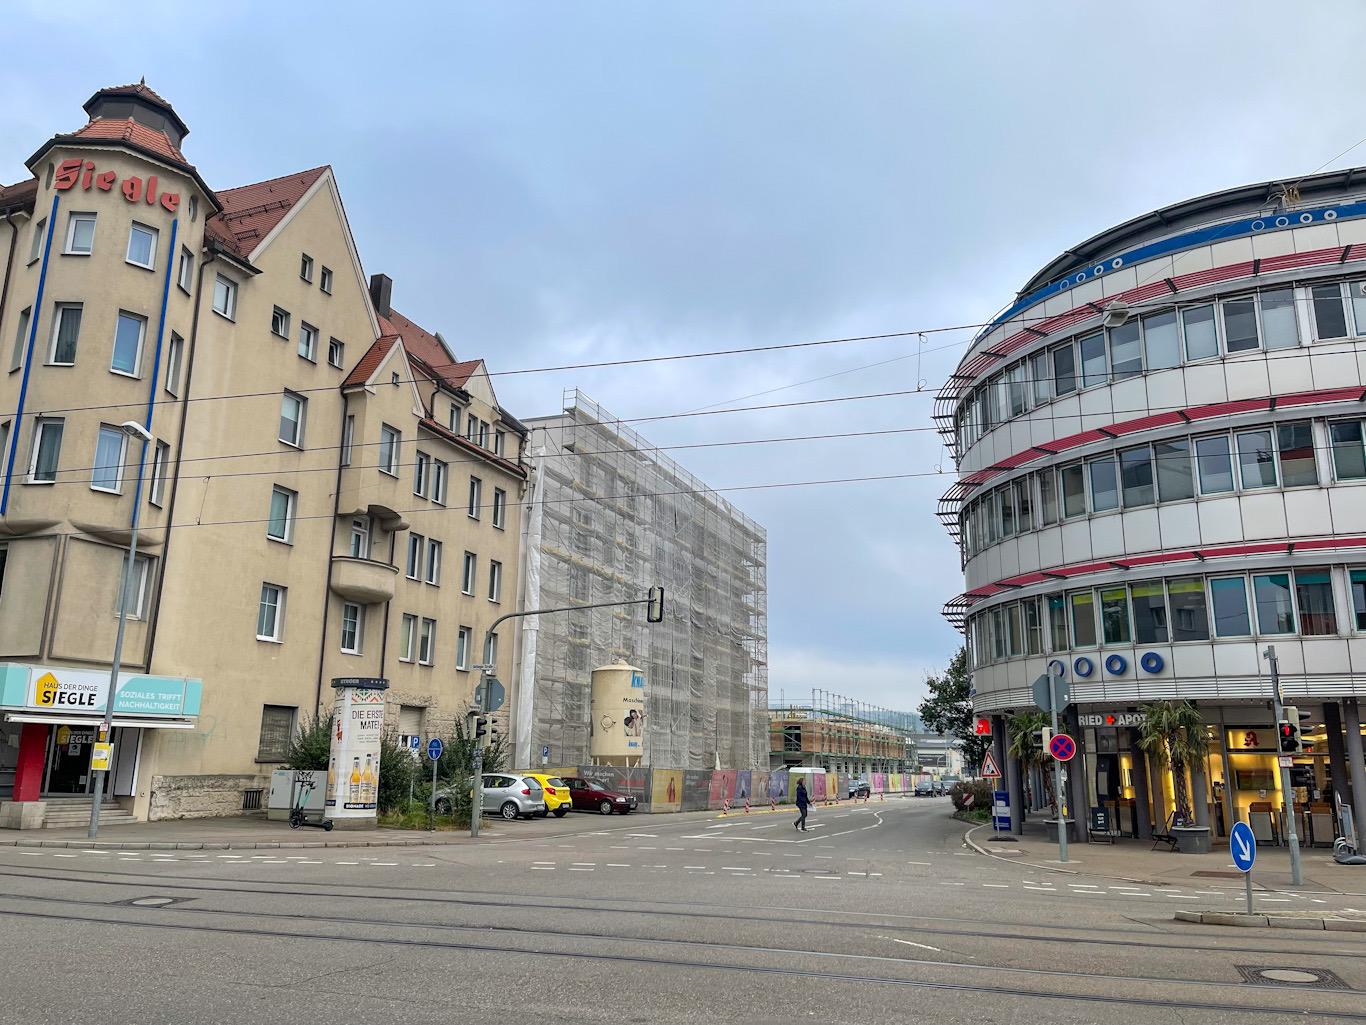 Ulm, Neubau, Quartier Söflingen, Oktober 2021